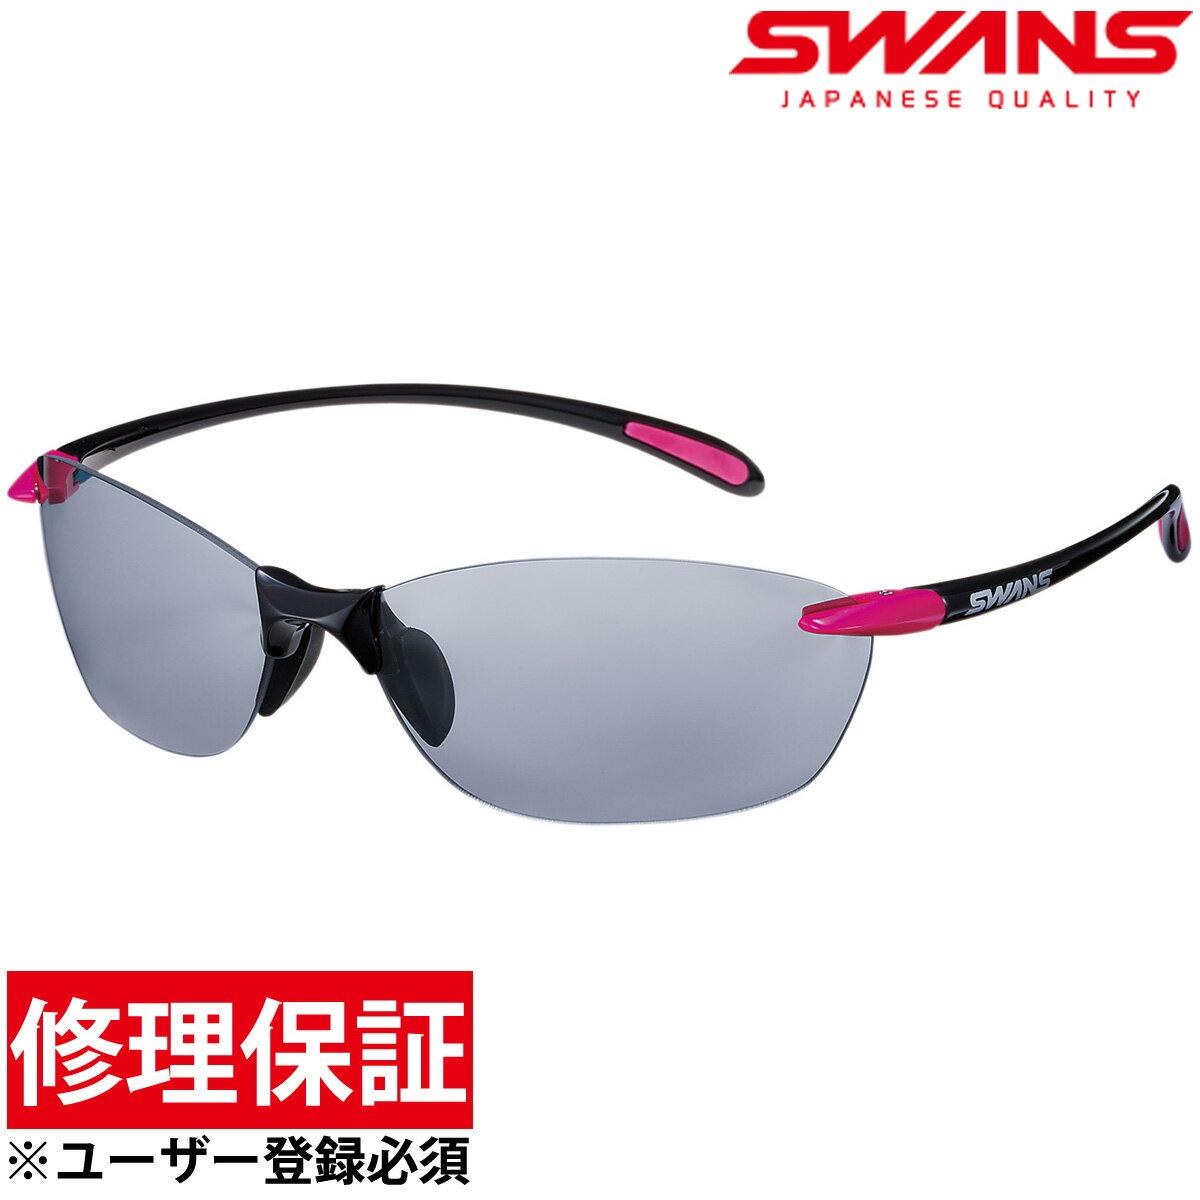 スワンズ スポーツサングラス エアレス リーフ Airless-Leaf 偏光レンズ サングラス メンズ レディース 釣り ゴルフ SWANS スワンズ UV カット 超軽量 SWANS スワンズ